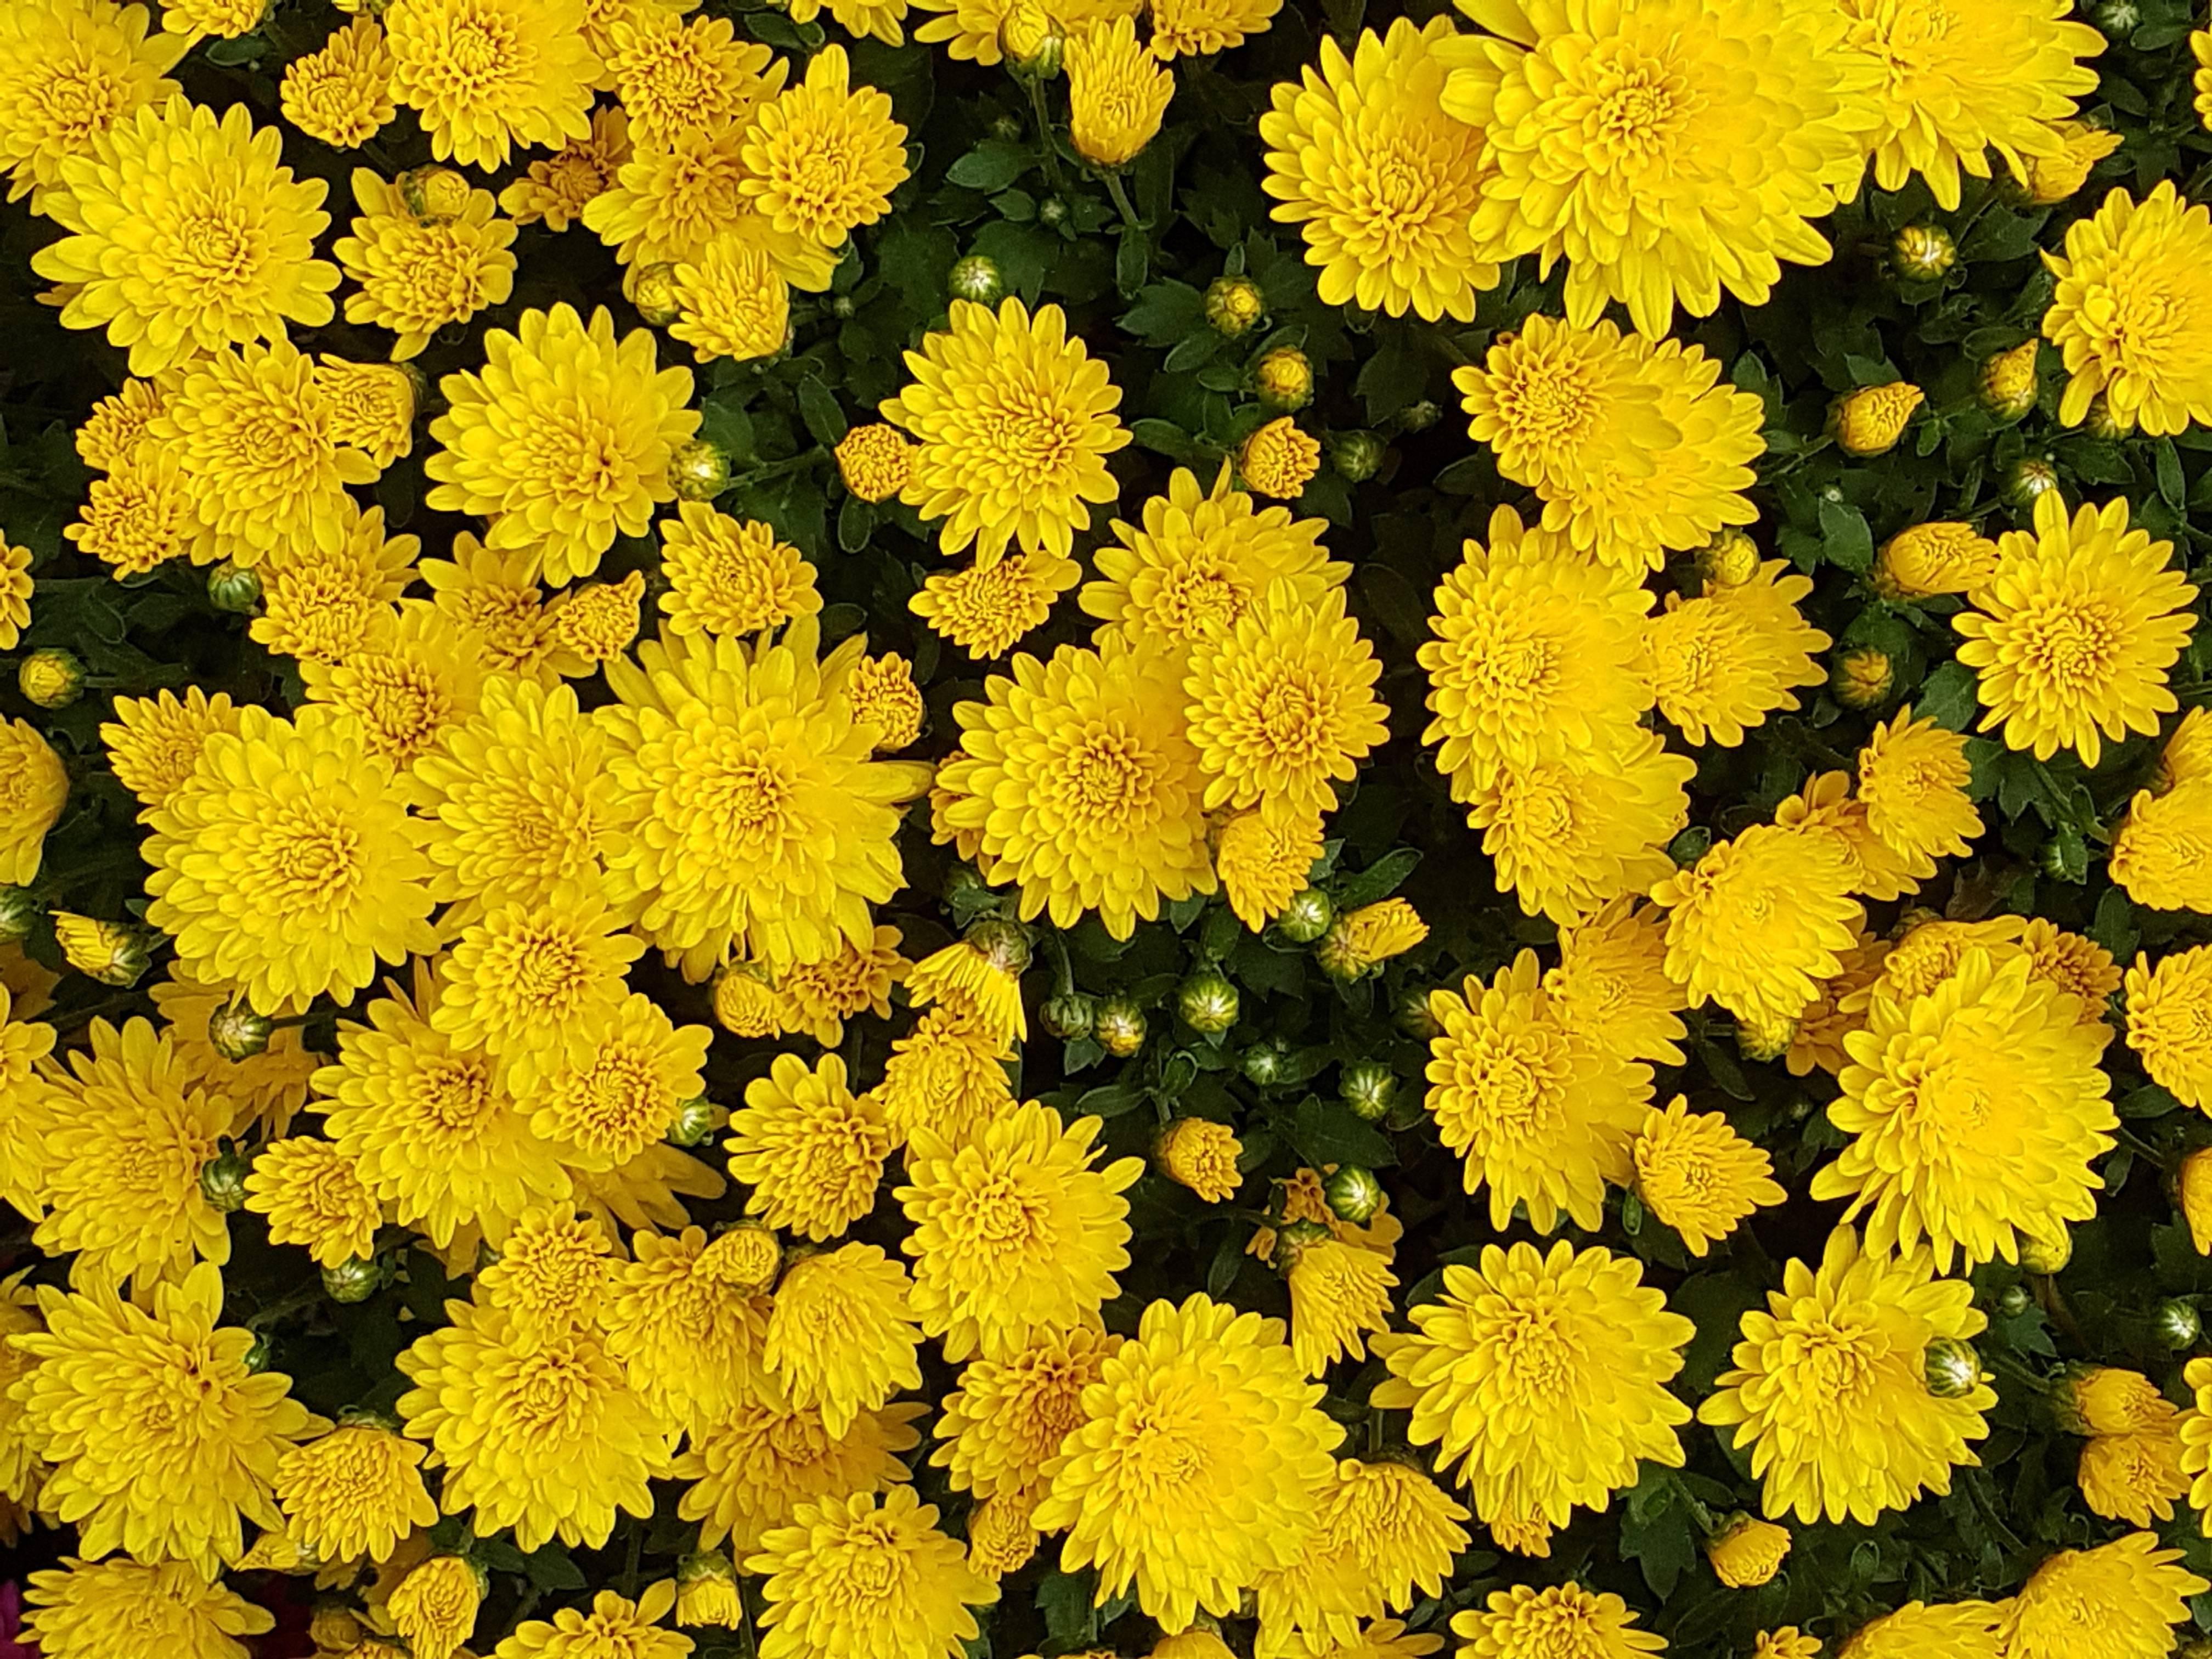 Низкорослые цветы: 155 фото видов, особенности посадки и правила применения для озеленения территории